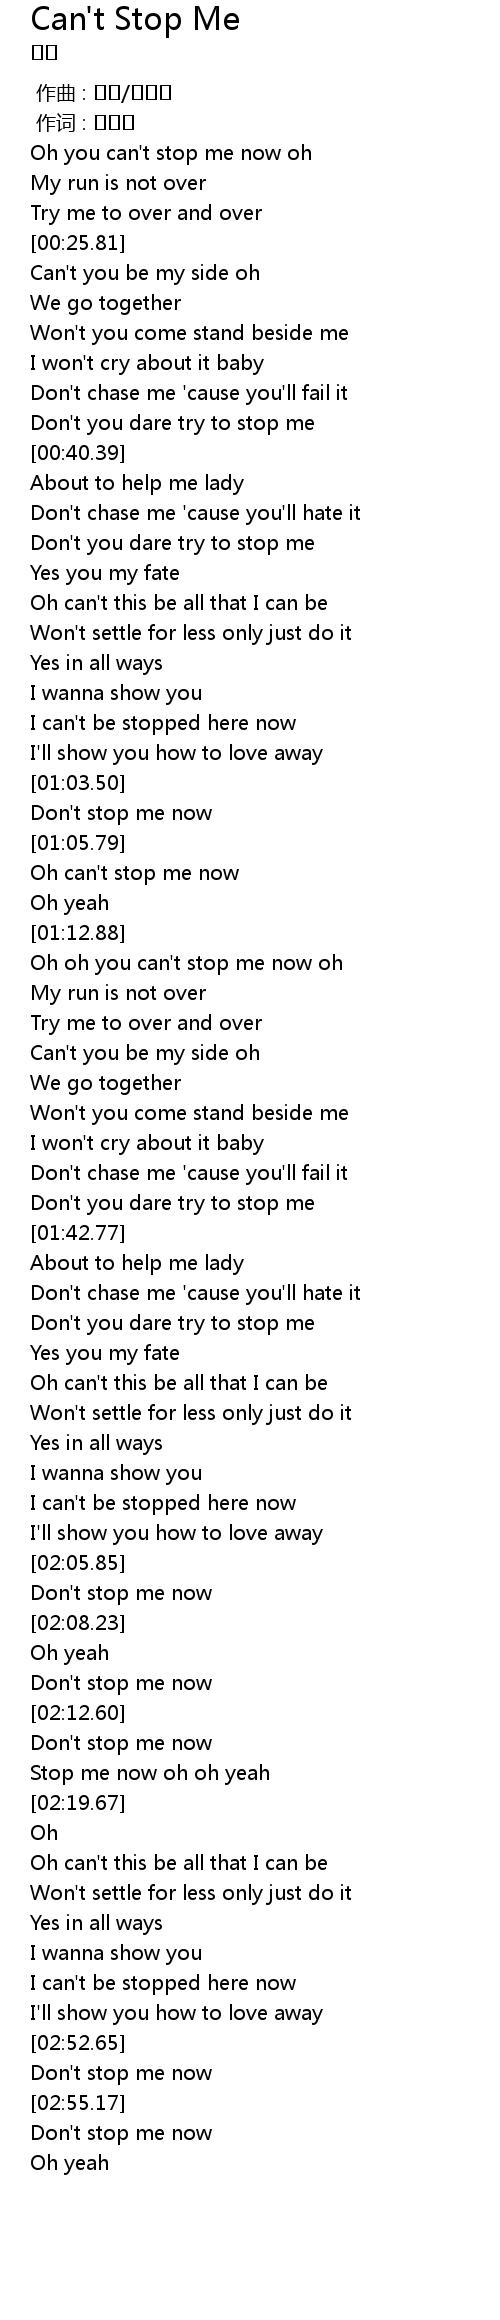 歌詞 stop can i t me